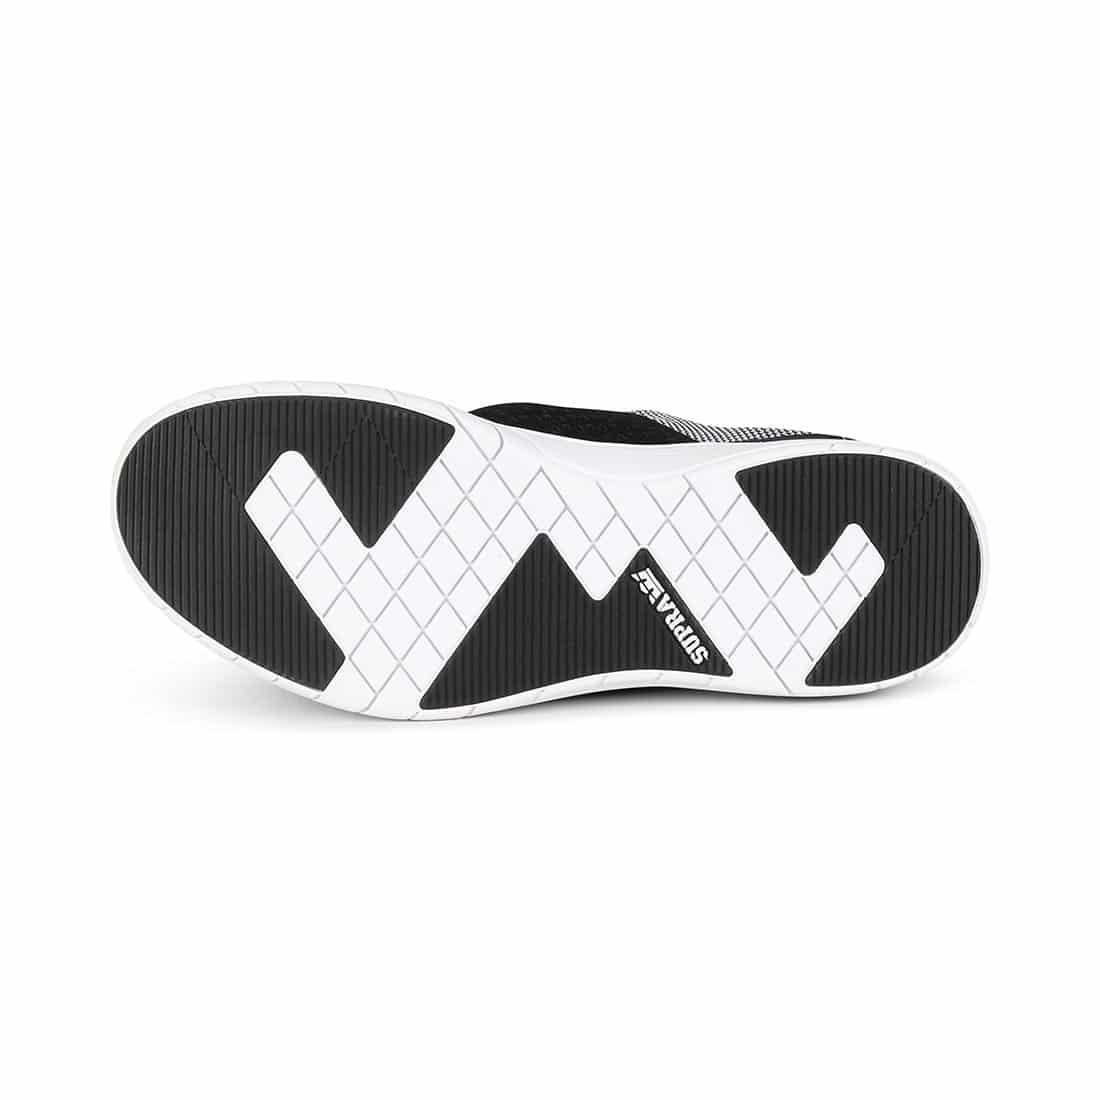 Supra Scissor Shoes - Black / White / White